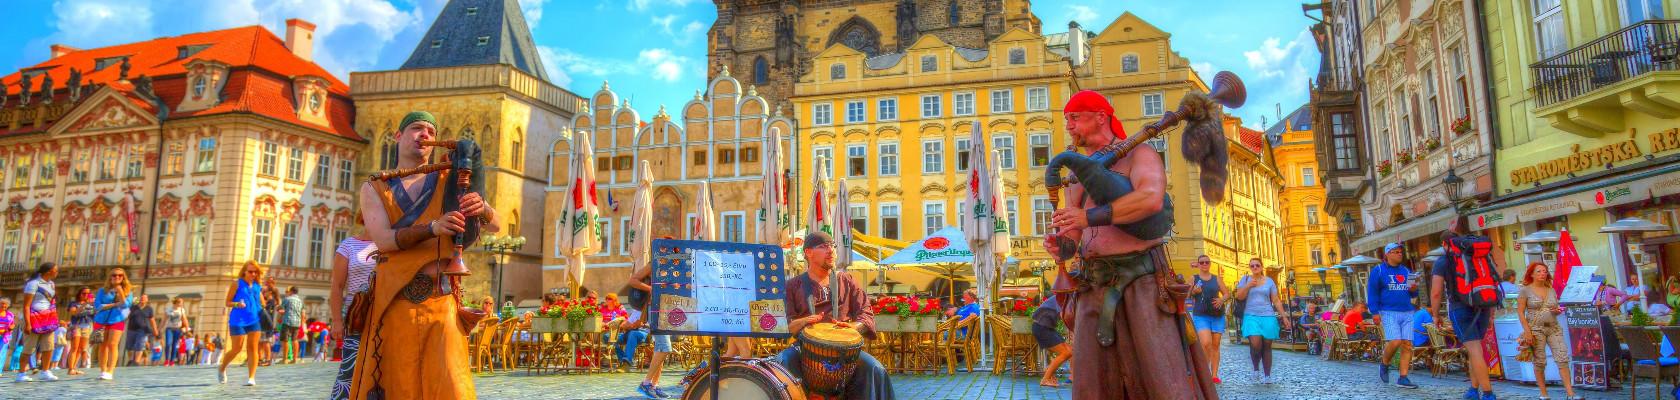 PRAG - BEČ - TELČ 4 DANA